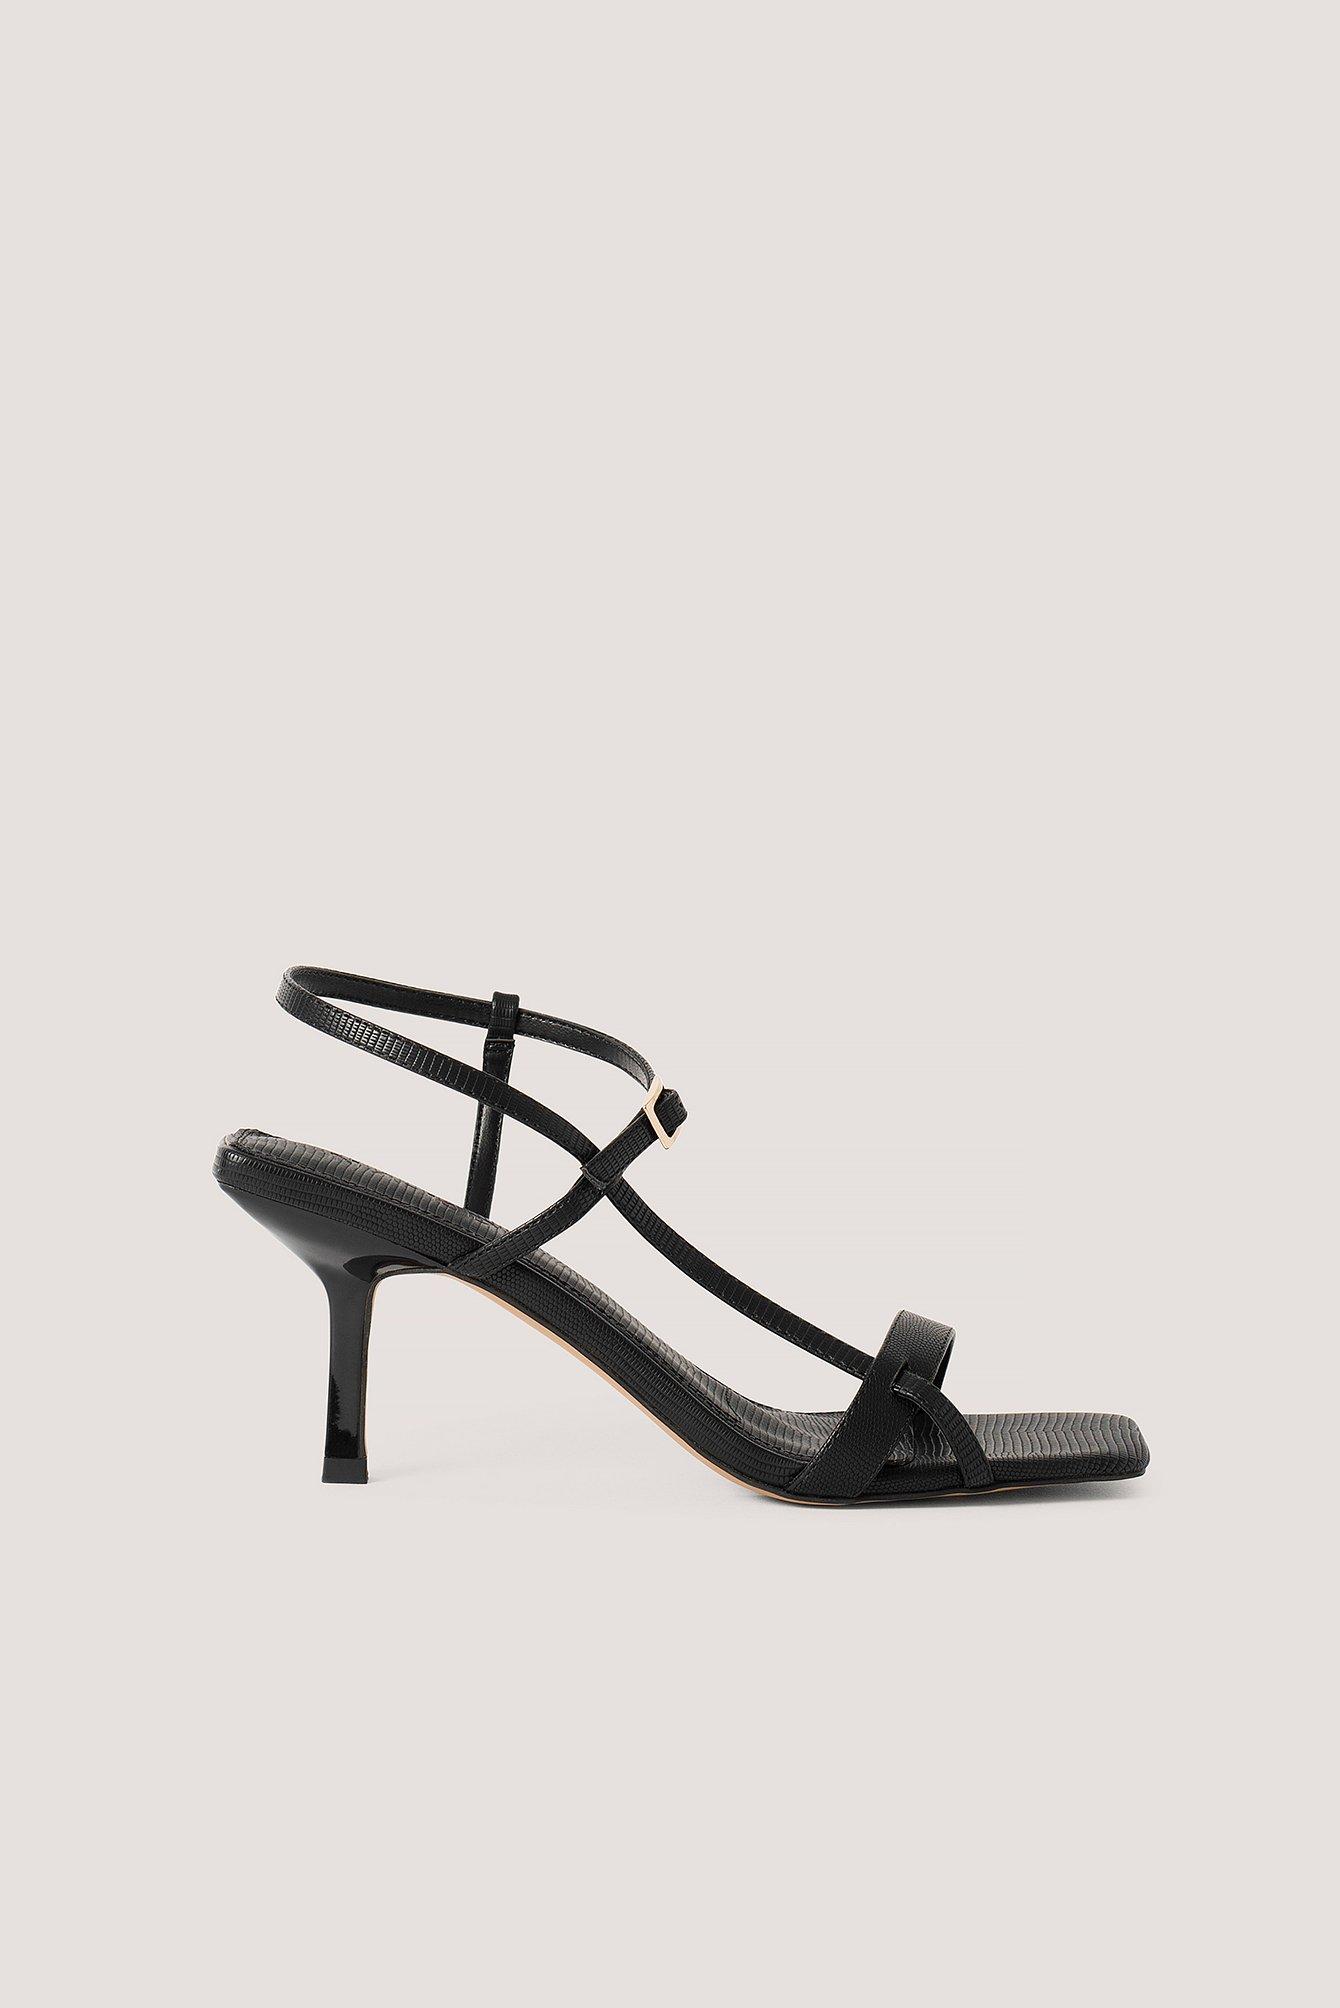 na-kd shoes -  Absatzschuhe Mit Mehreren Riemen Und Eckiger Front - Black